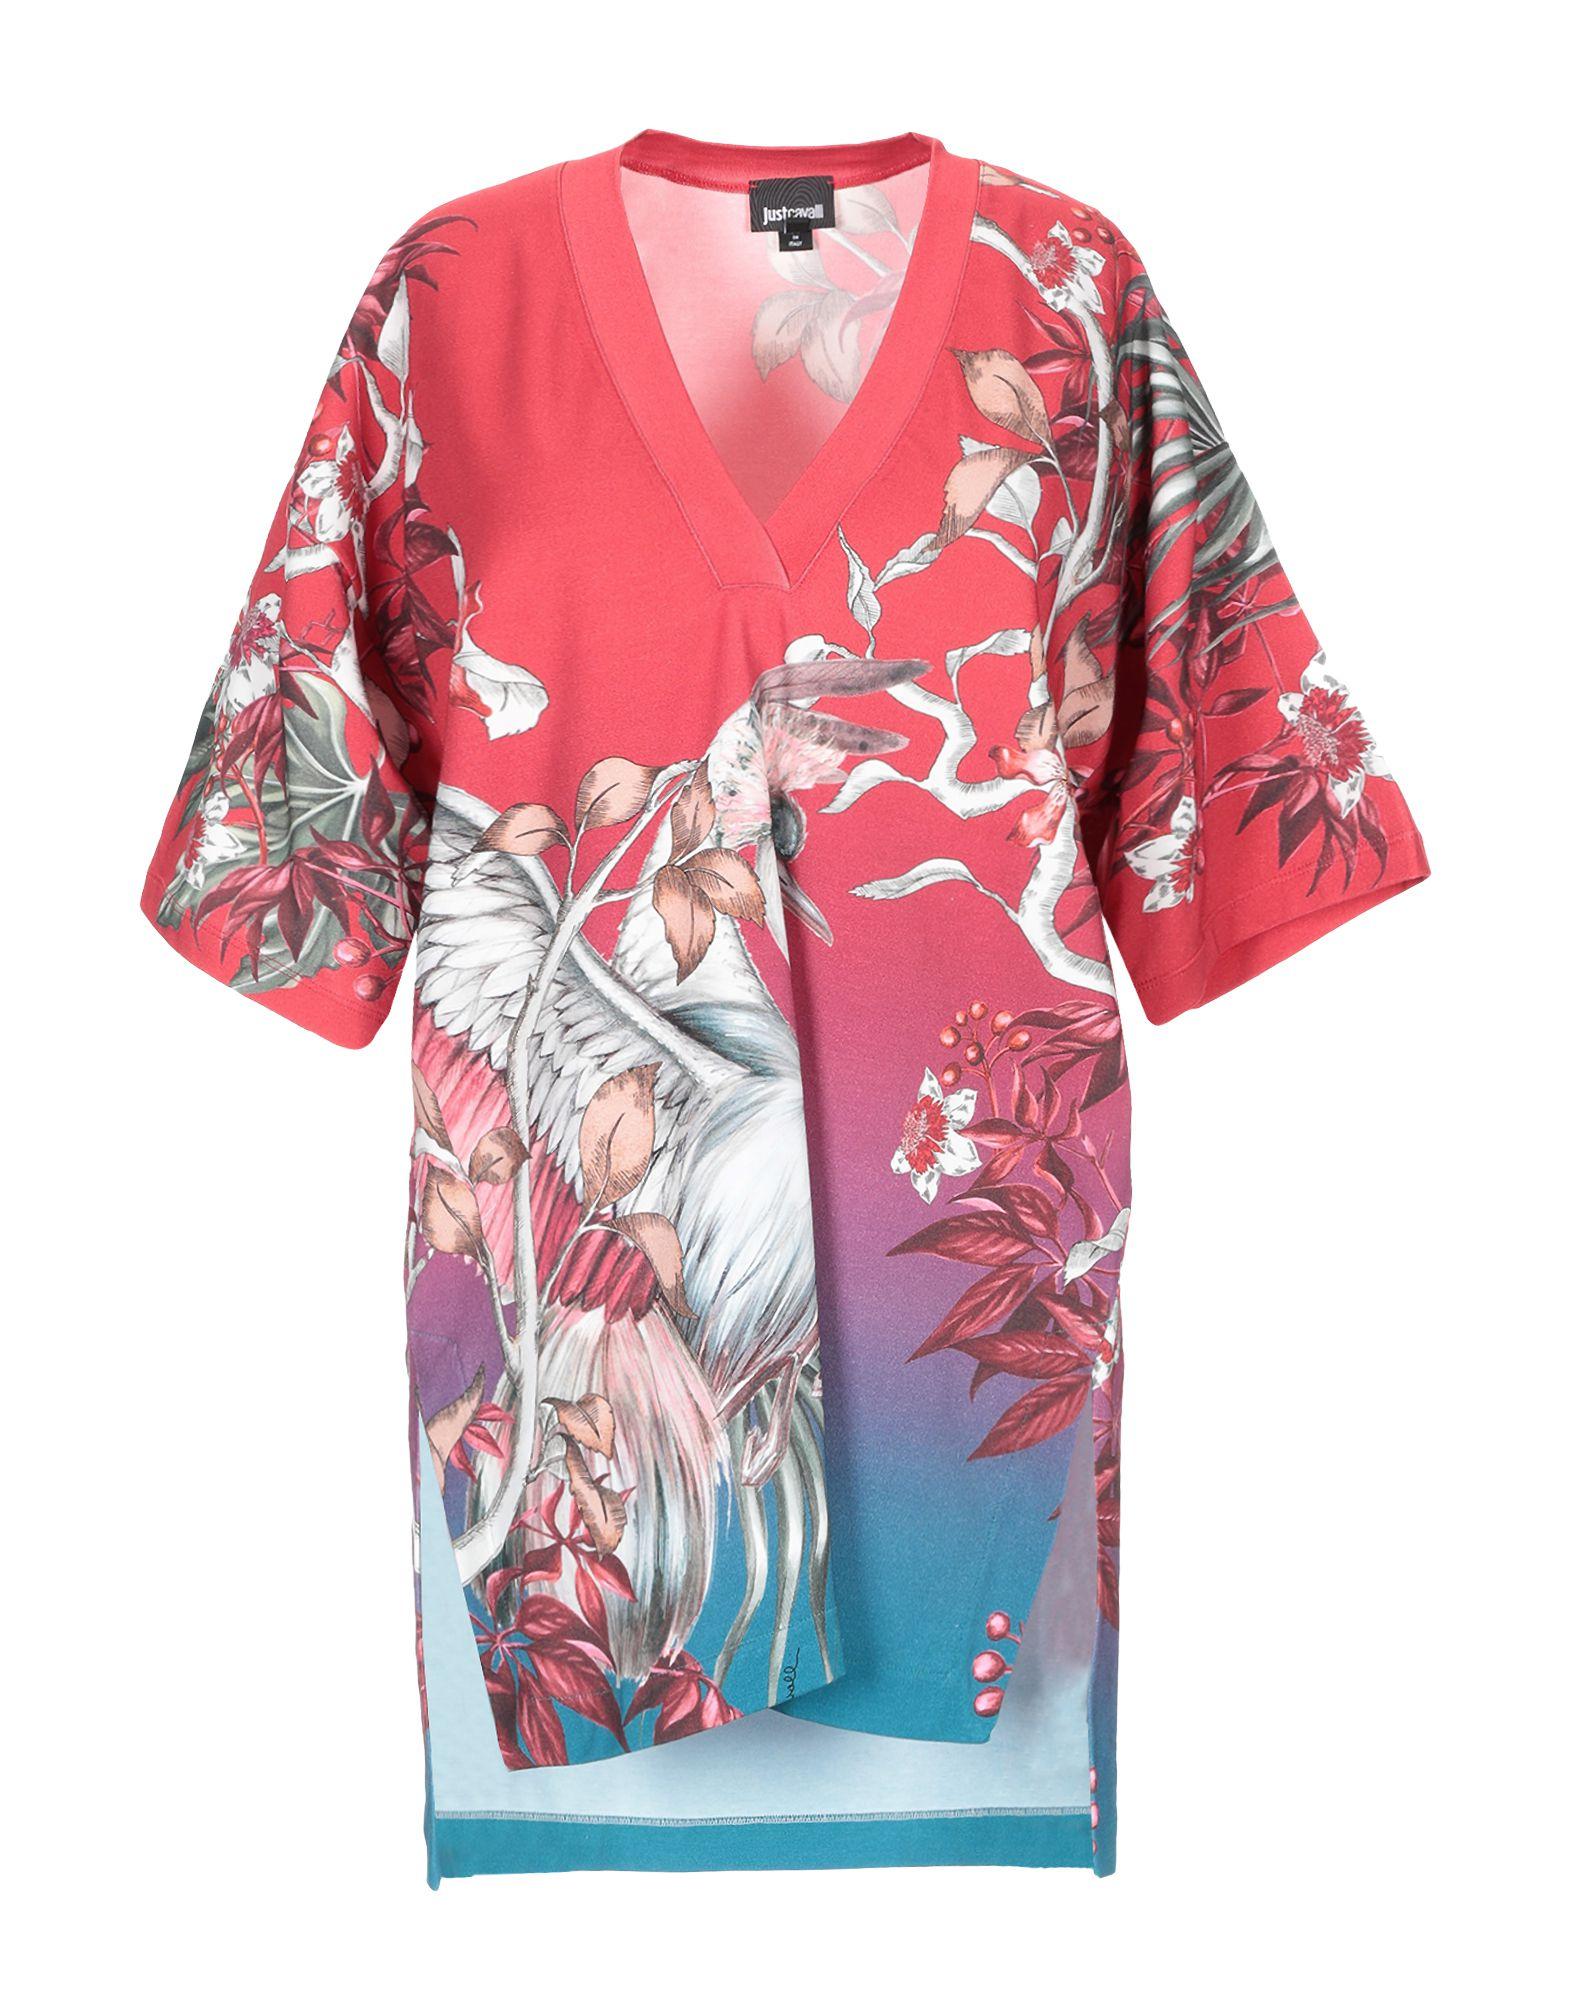 T-Shirt Just Cavalli donna - 12304613TC 12304613TC 12304613TC 89a